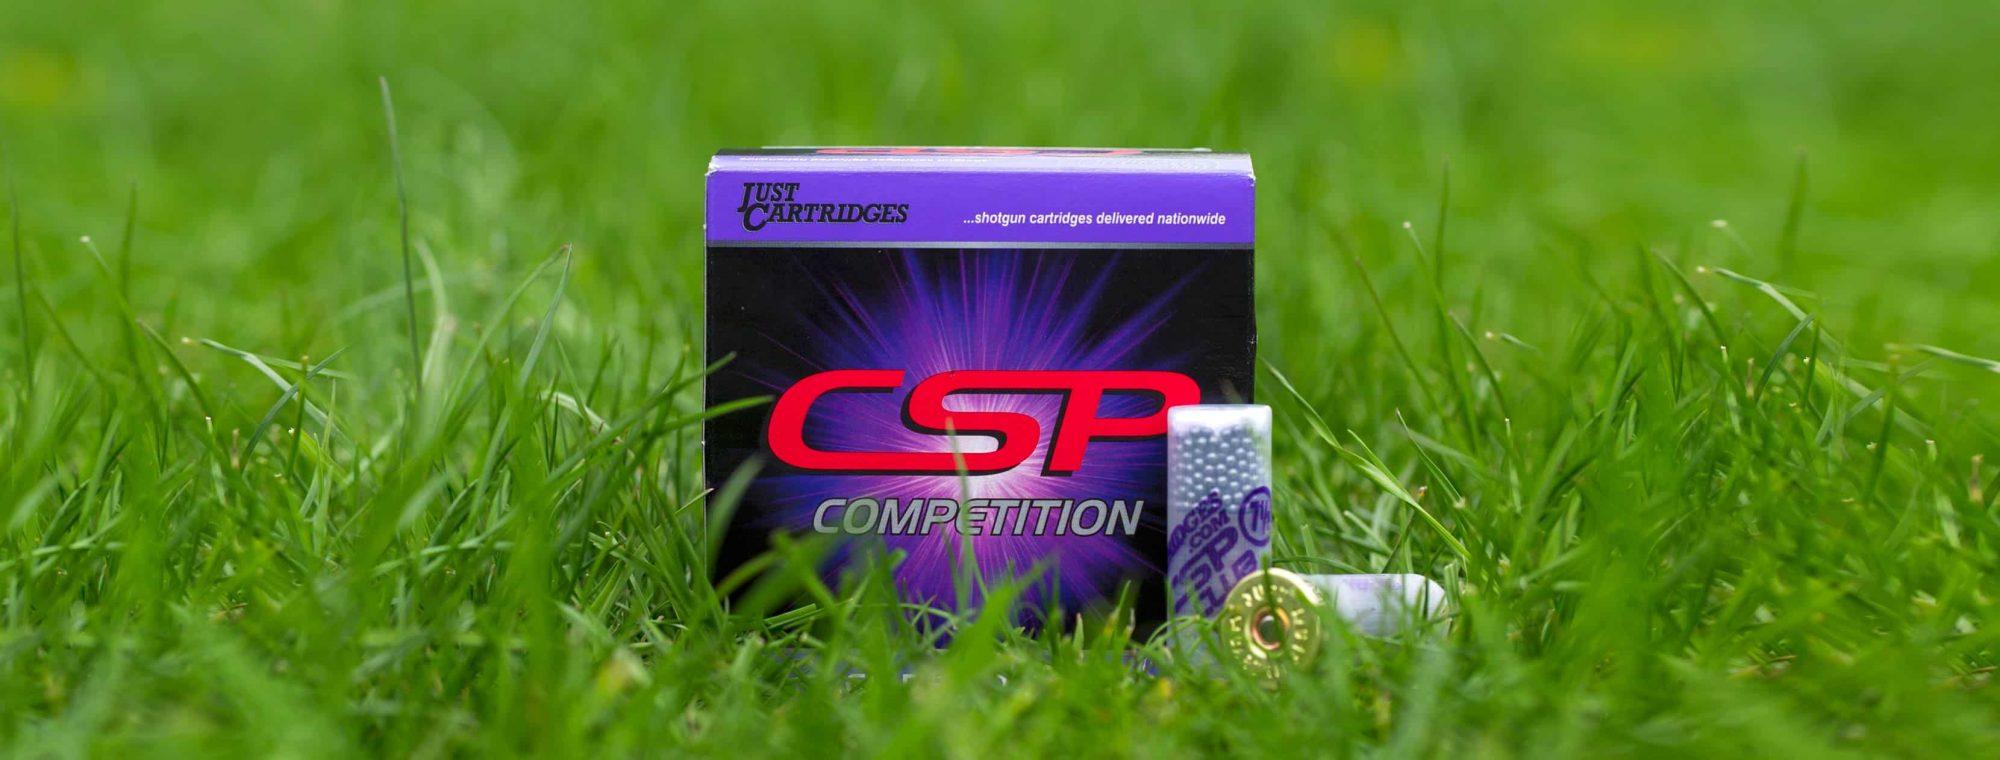 Just Cartridges CSP Club